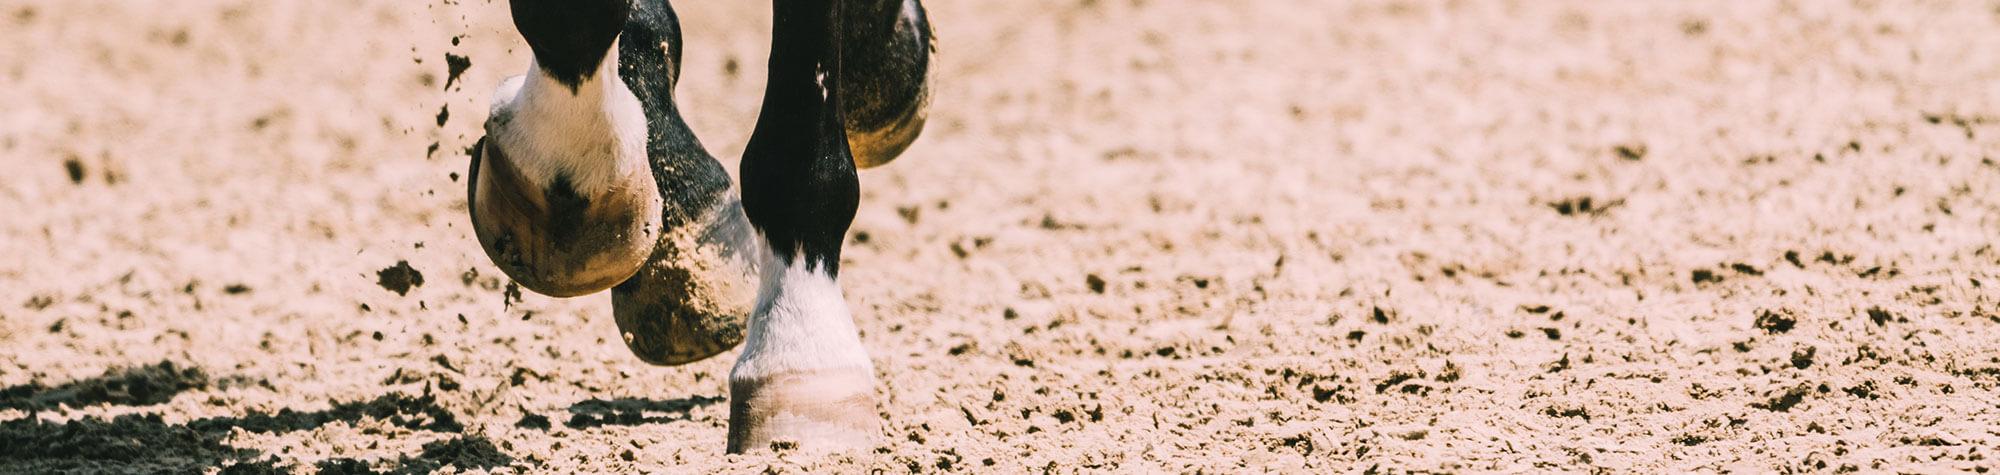 Warum stolpern Pferde?